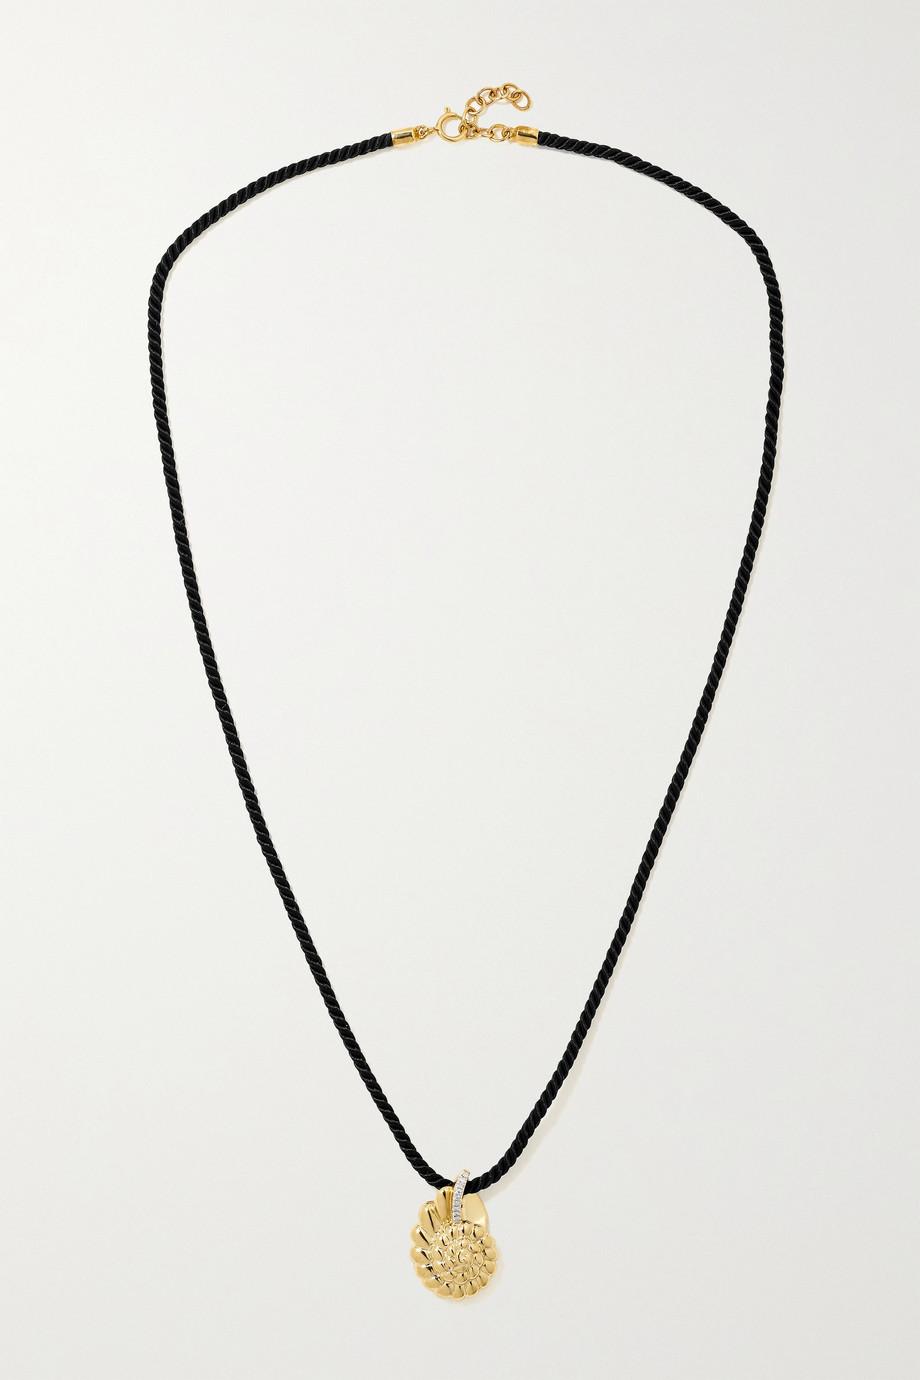 Yvonne Léon 9-karat gold, silk and diamond necklace